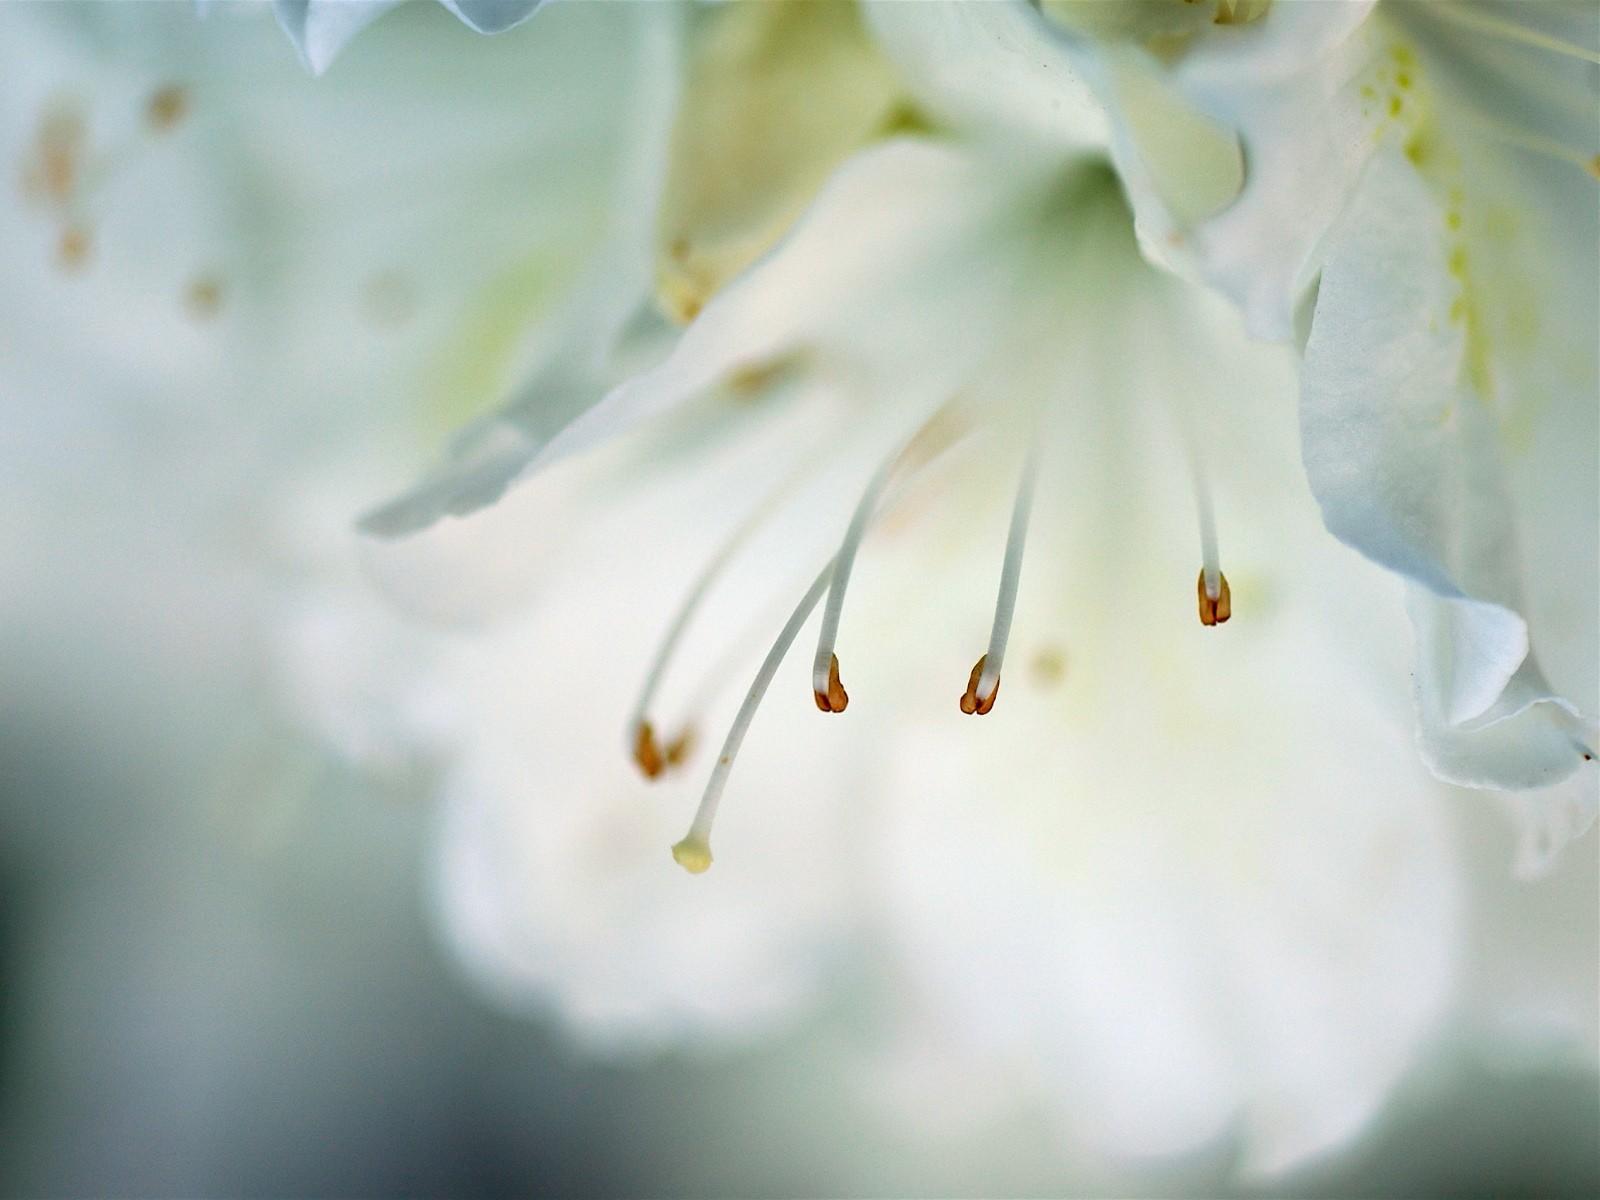 макро цветок пестик  № 3231644 бесплатно